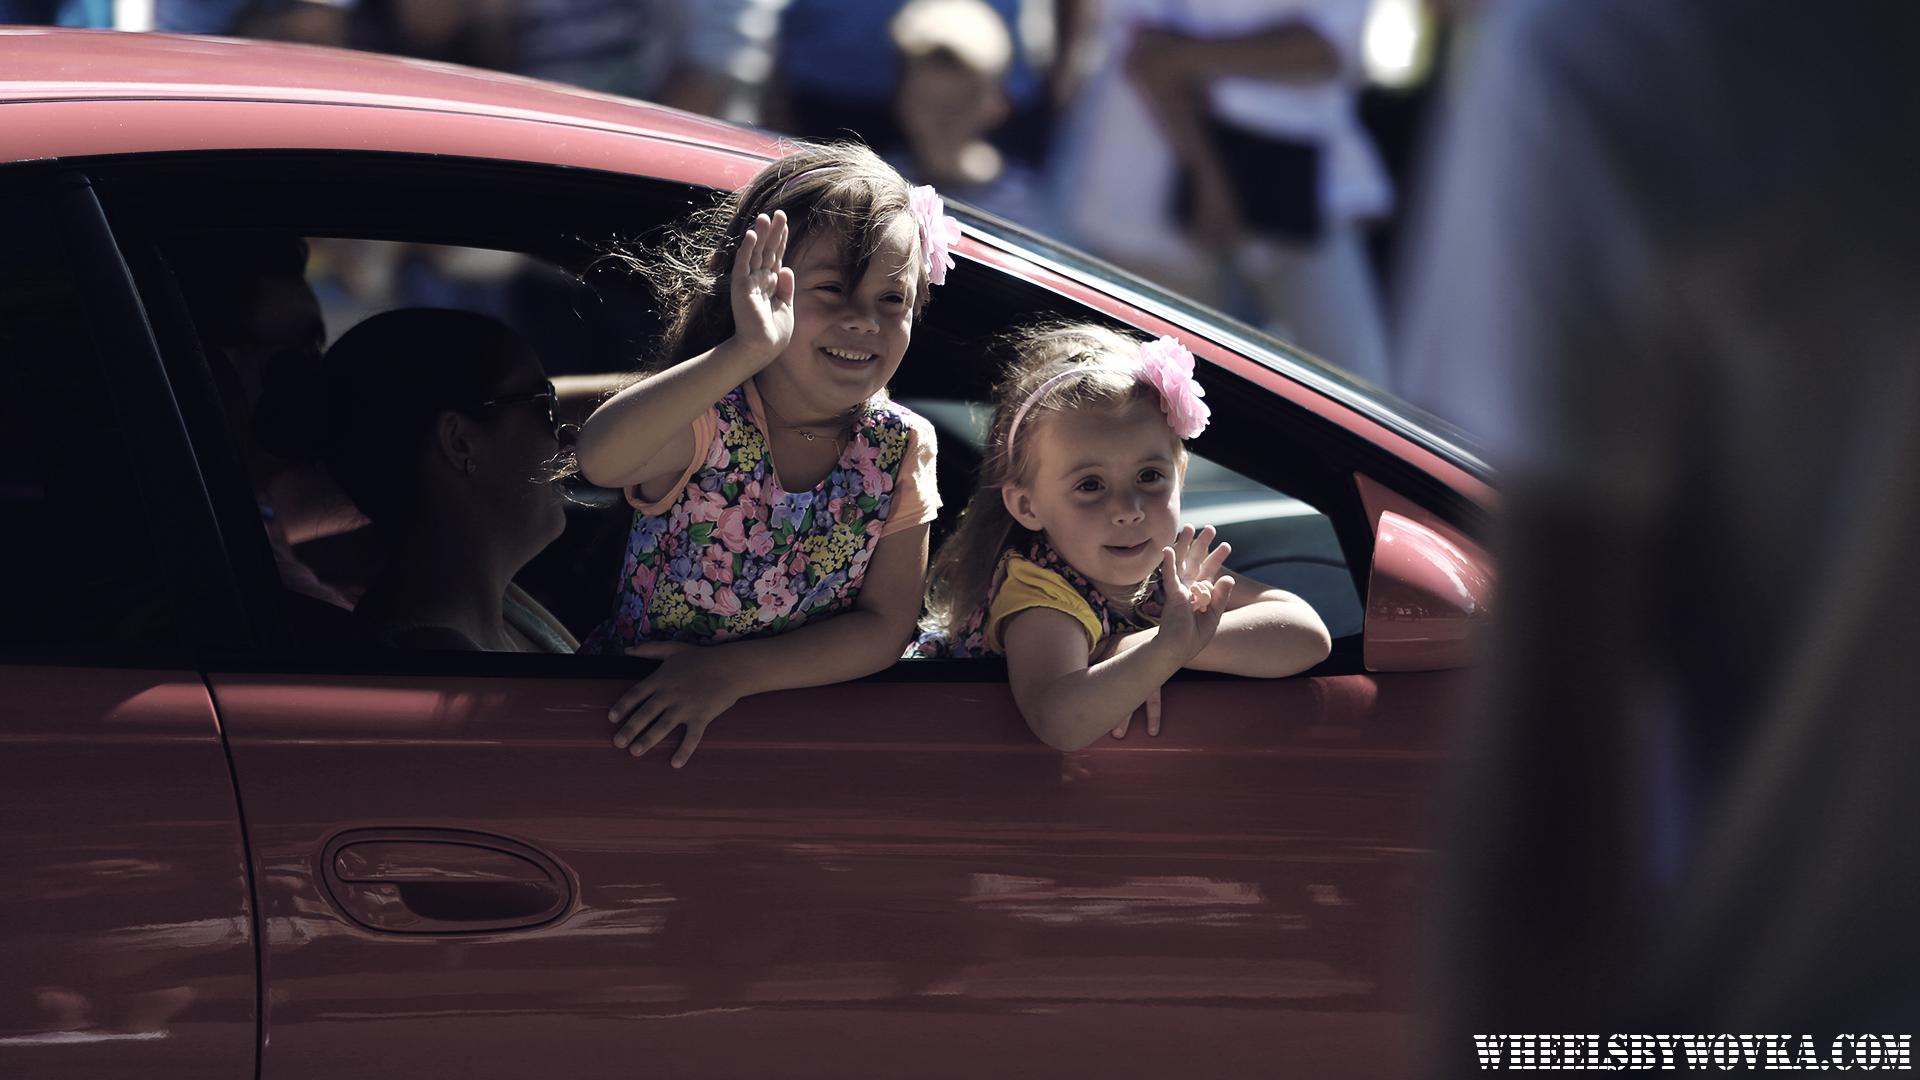 american-beauty-car-show-haapsalu-2017-by-wheelsbywovka-10